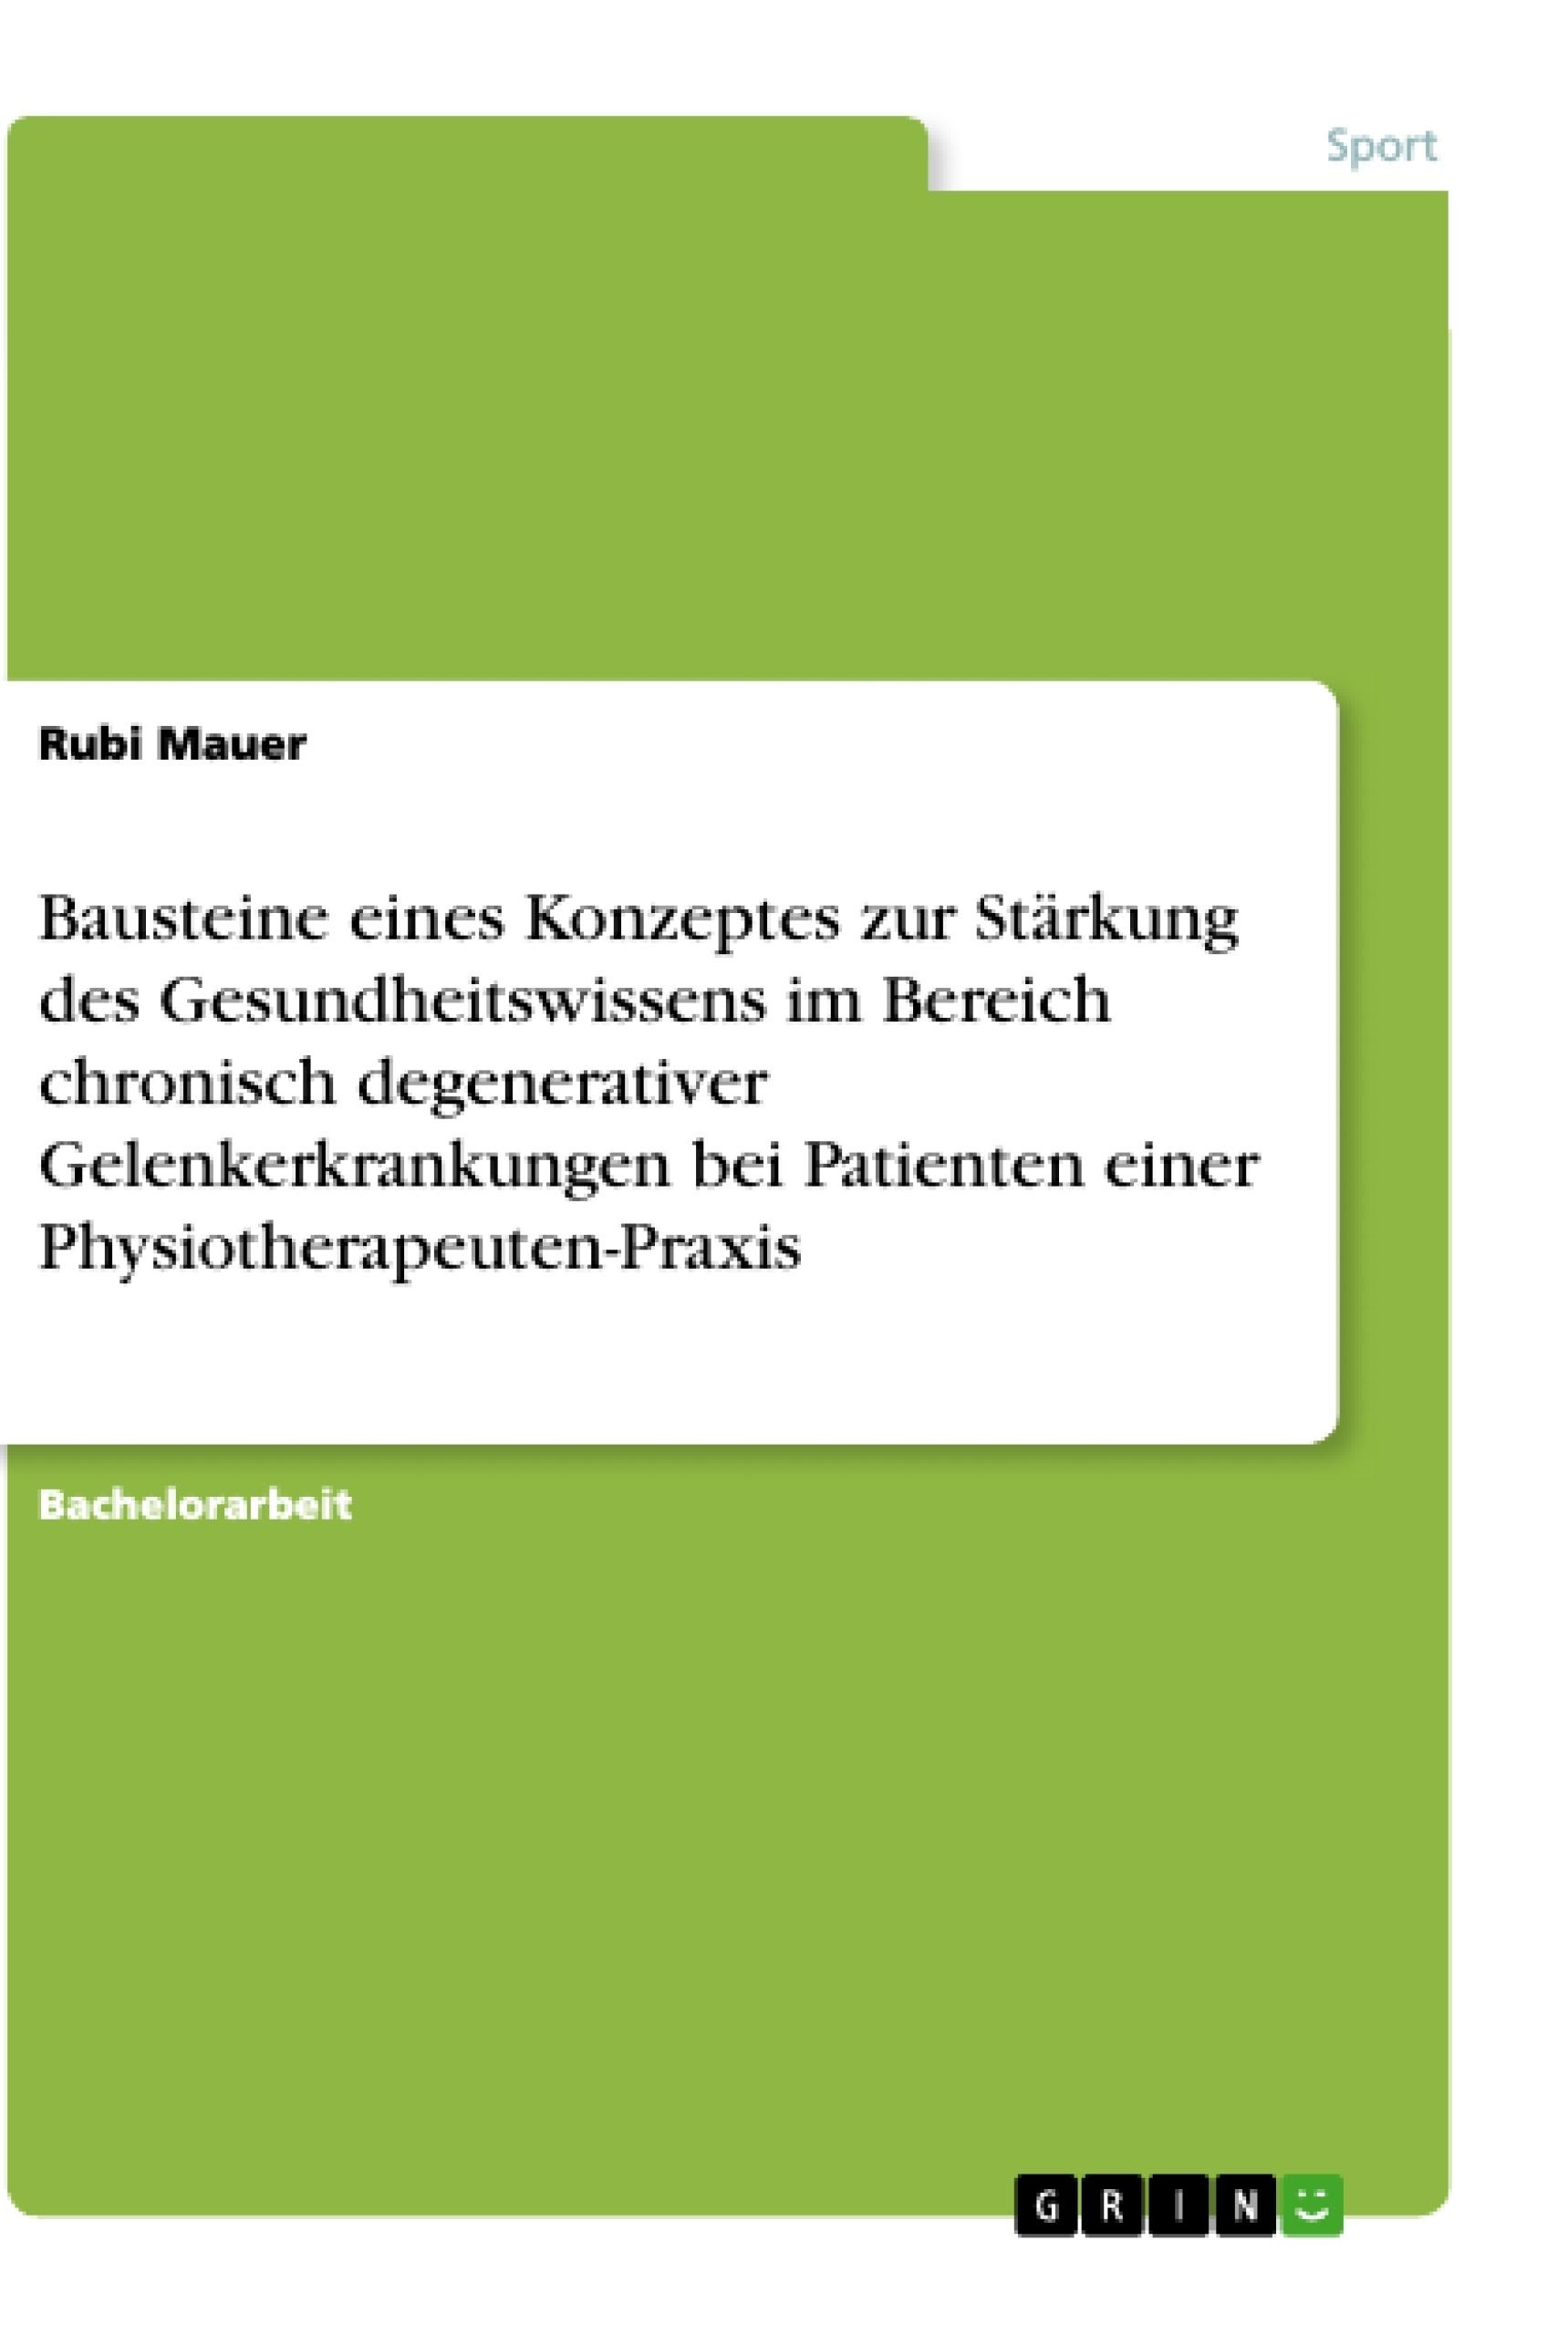 Titel: Bausteine eines Konzeptes zur Stärkung des Gesundheitswissens im Bereich chronisch degenerativer Gelenkerkrankungen bei Patienten einer Physiotherapeuten-Praxis